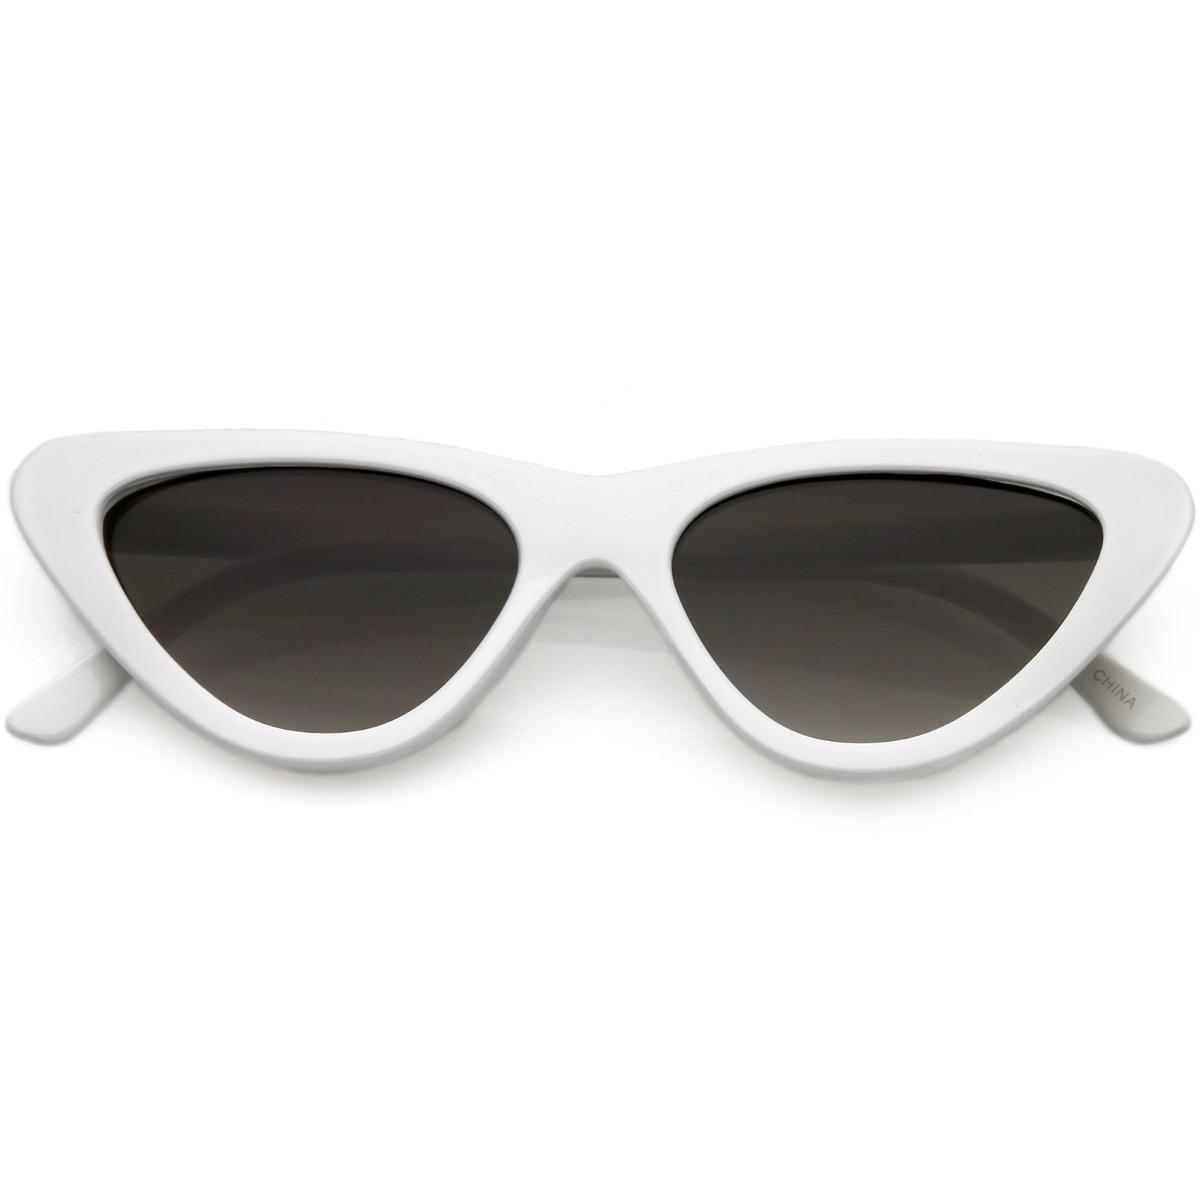 f54b0a0a9 Óculos Retrô Gatinho Branco - R$ 150,00 em Mercado Livre